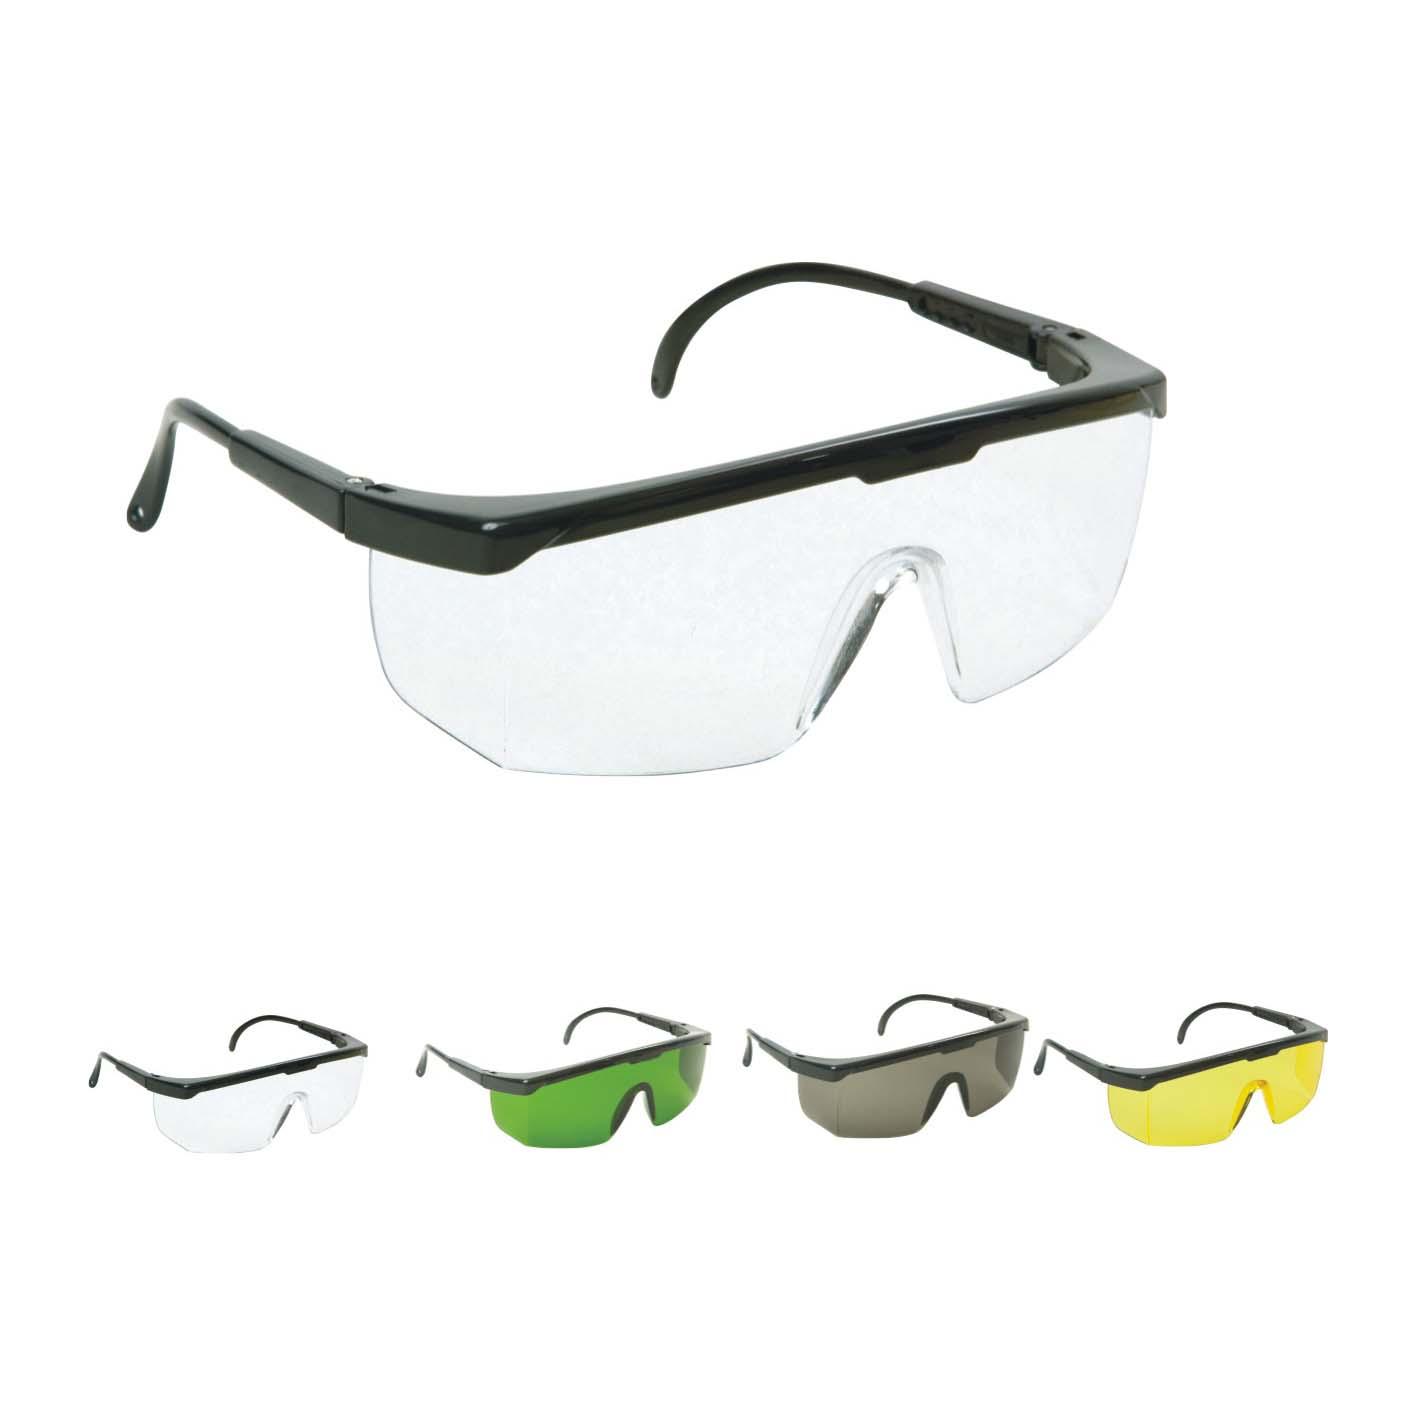 7aab8a85ec4ce Óculos de Segurança Spectra 2000 - Carbografite